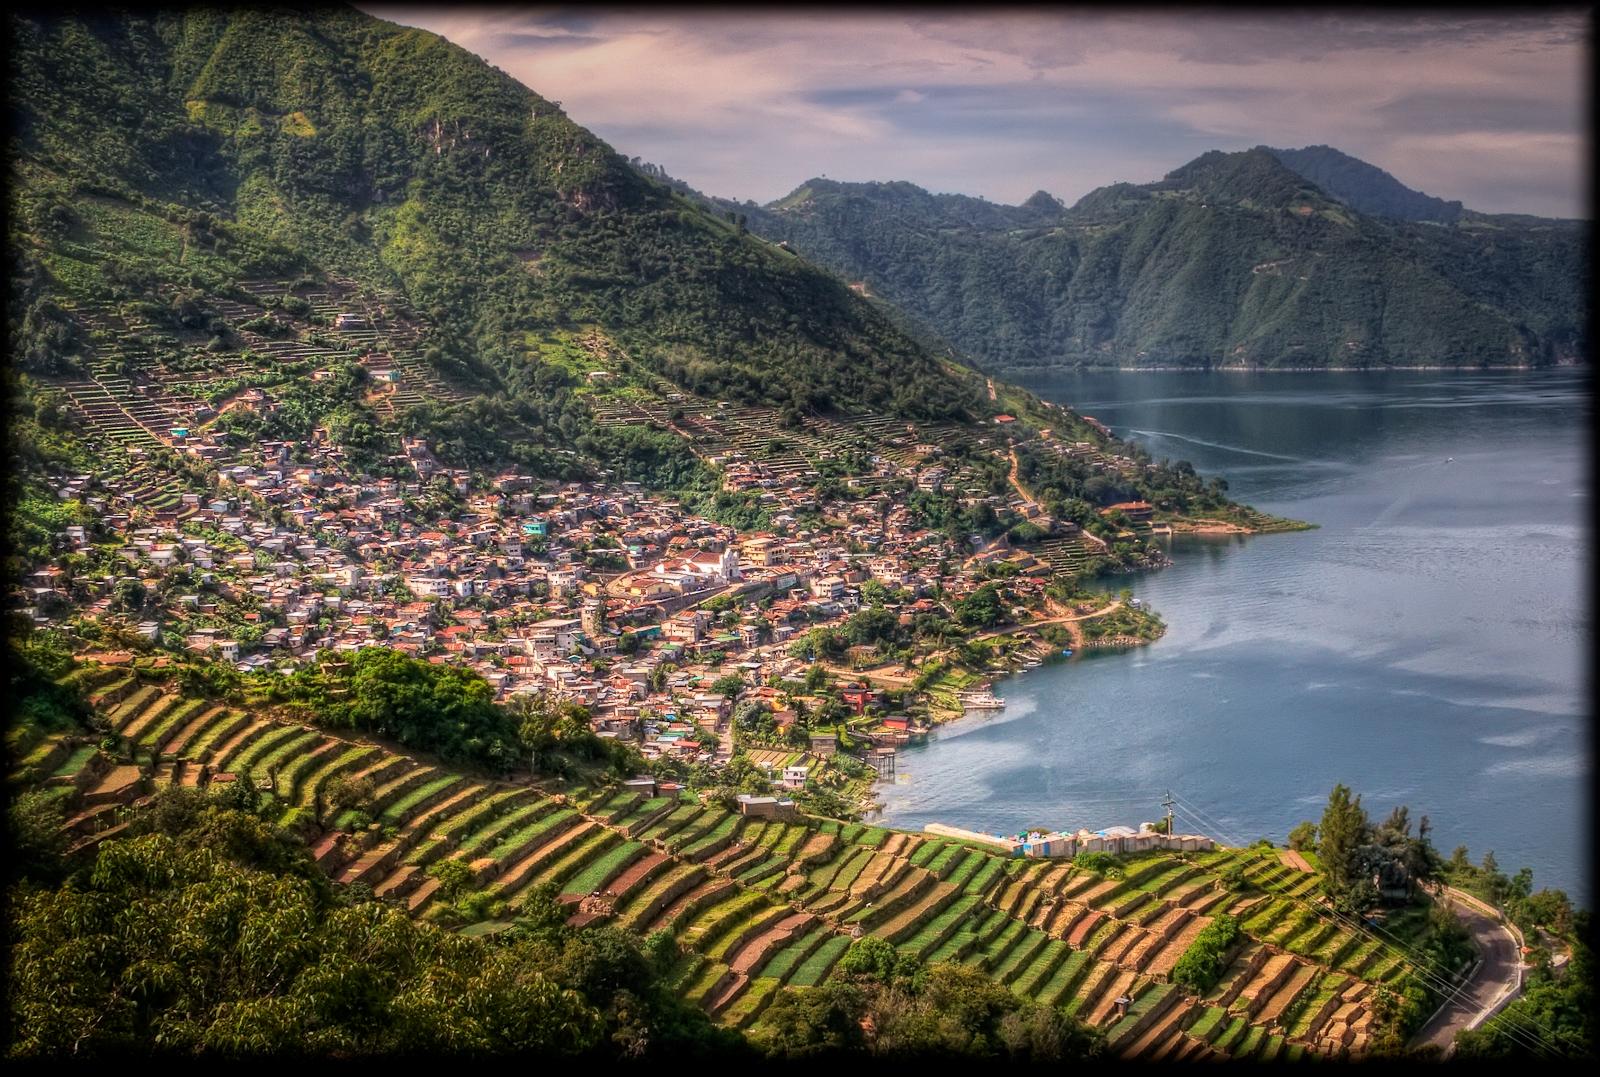 Lake_Atitlan_by_Szeke